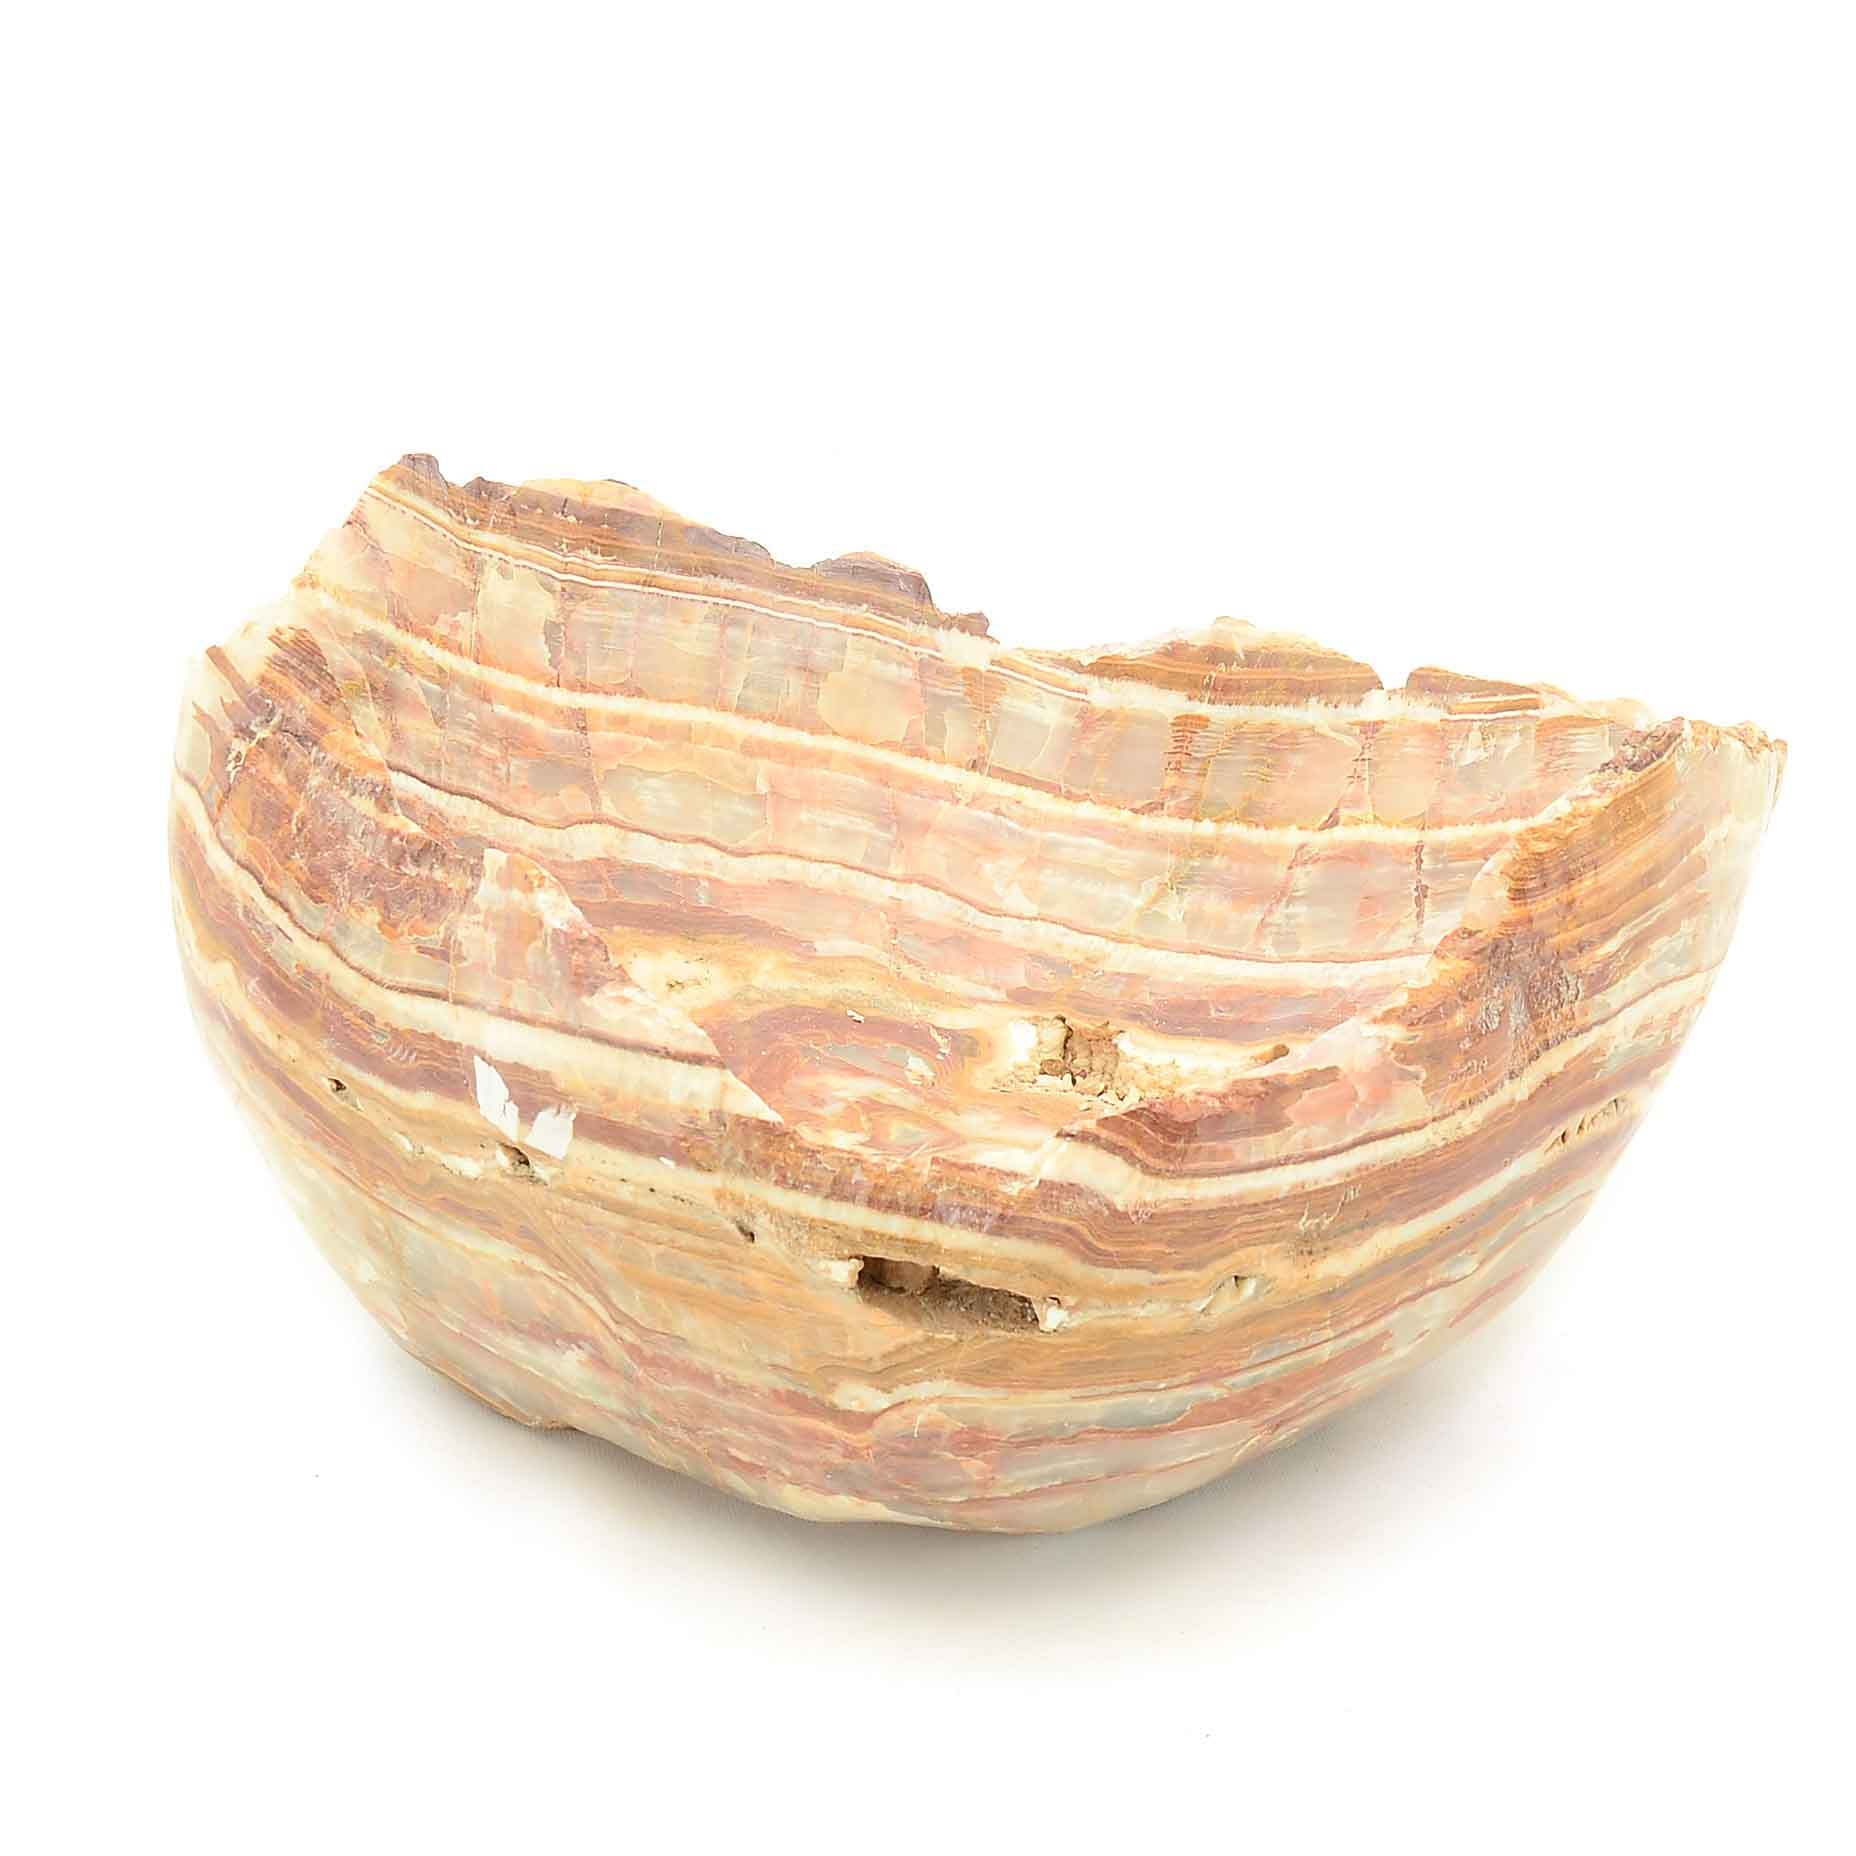 Free Form Onyx Bowl